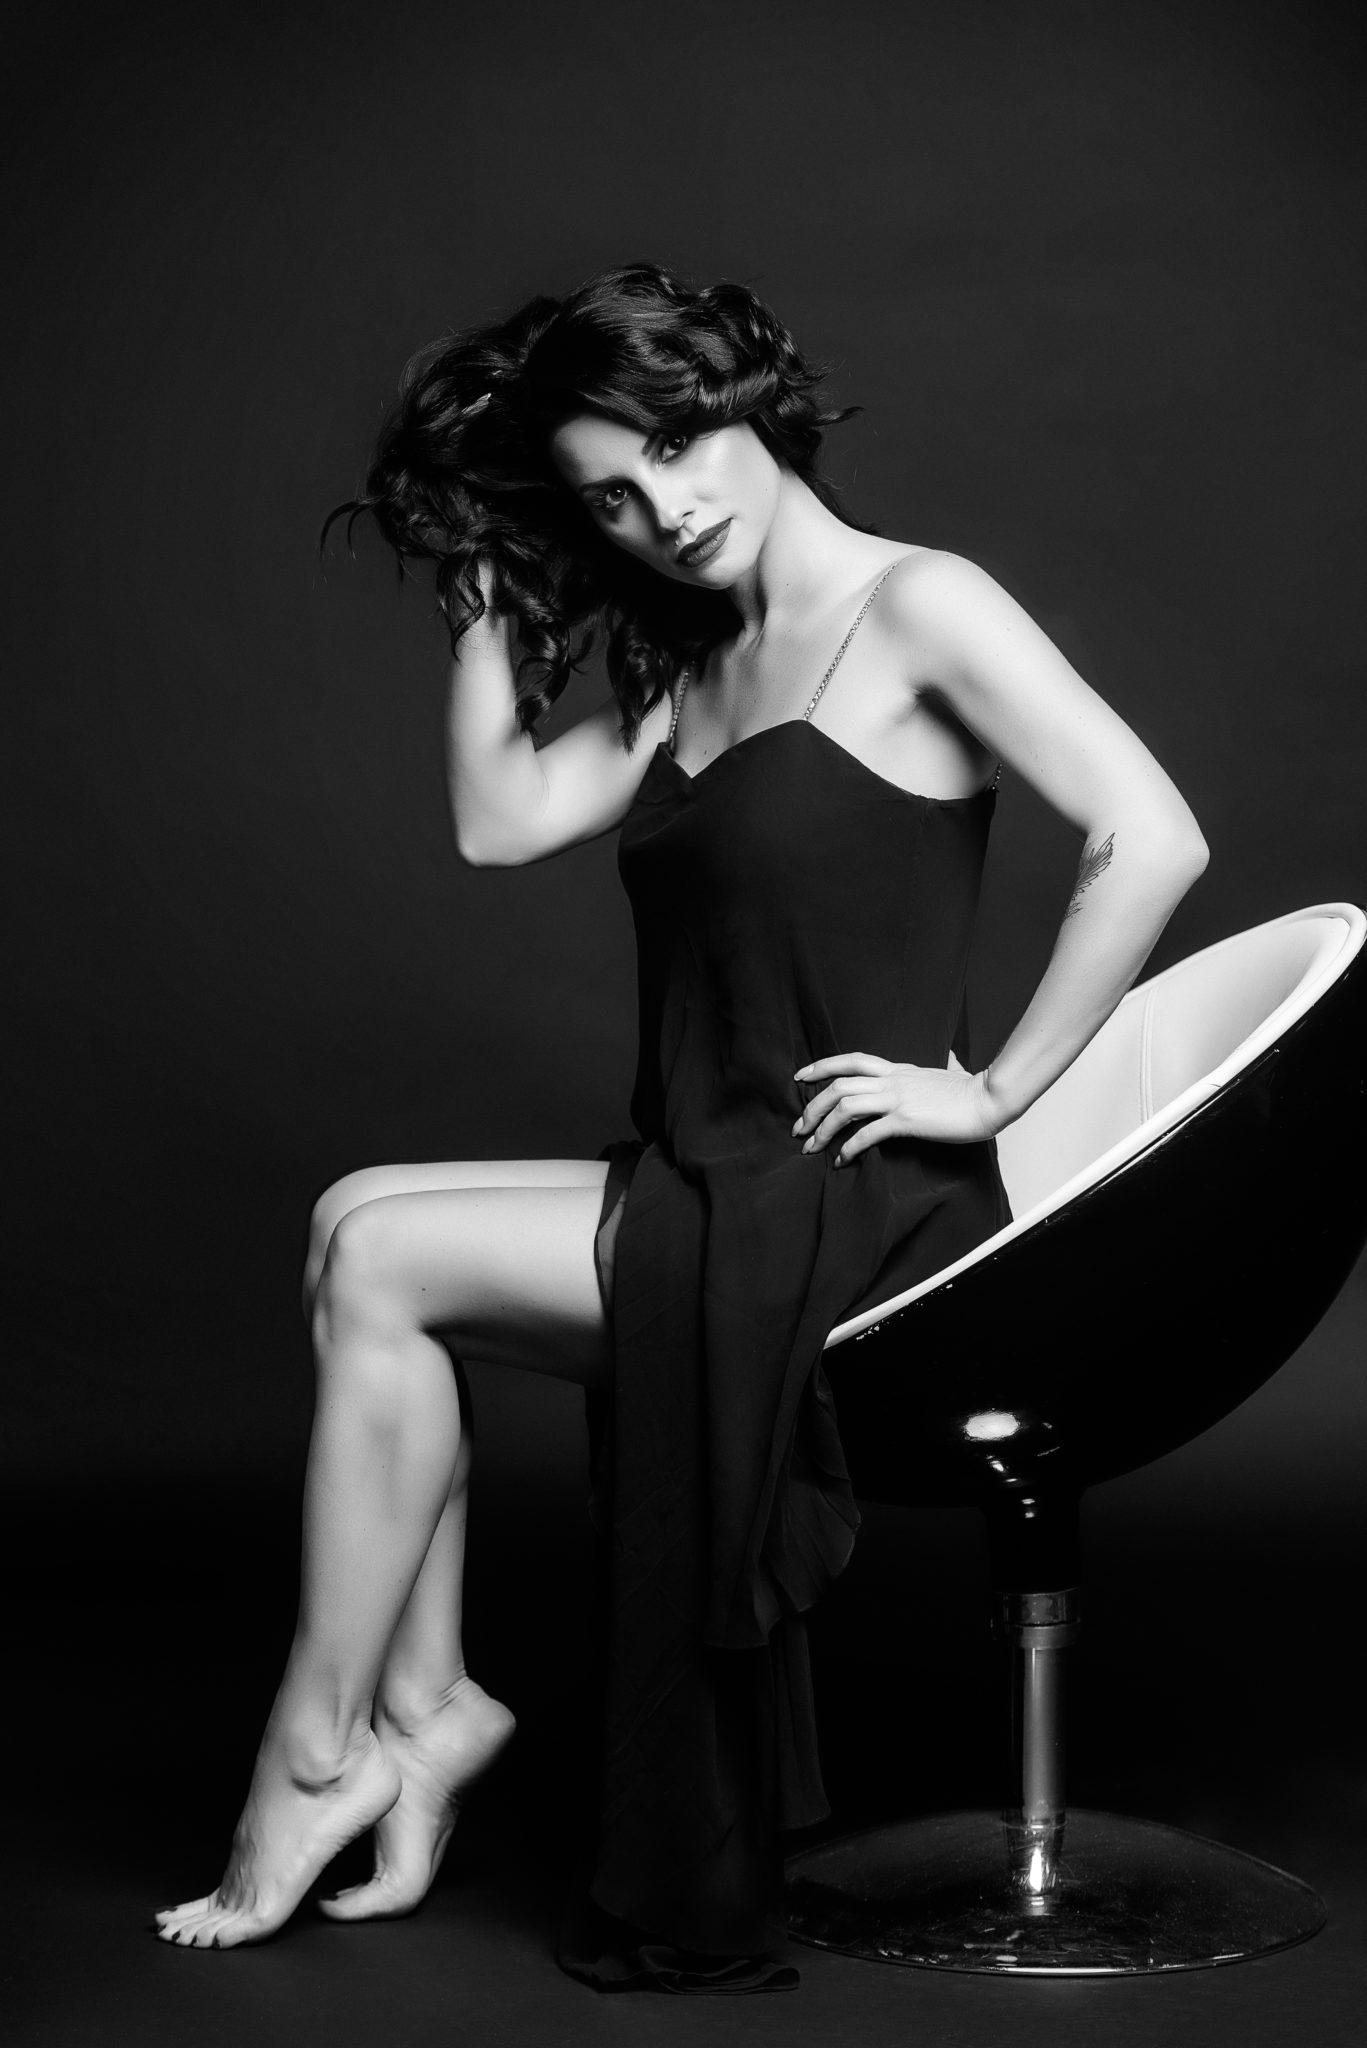 Фотосессия Премиум, чб, модель, девушка в платье, на черном фоне сидит в черно-белом кресле